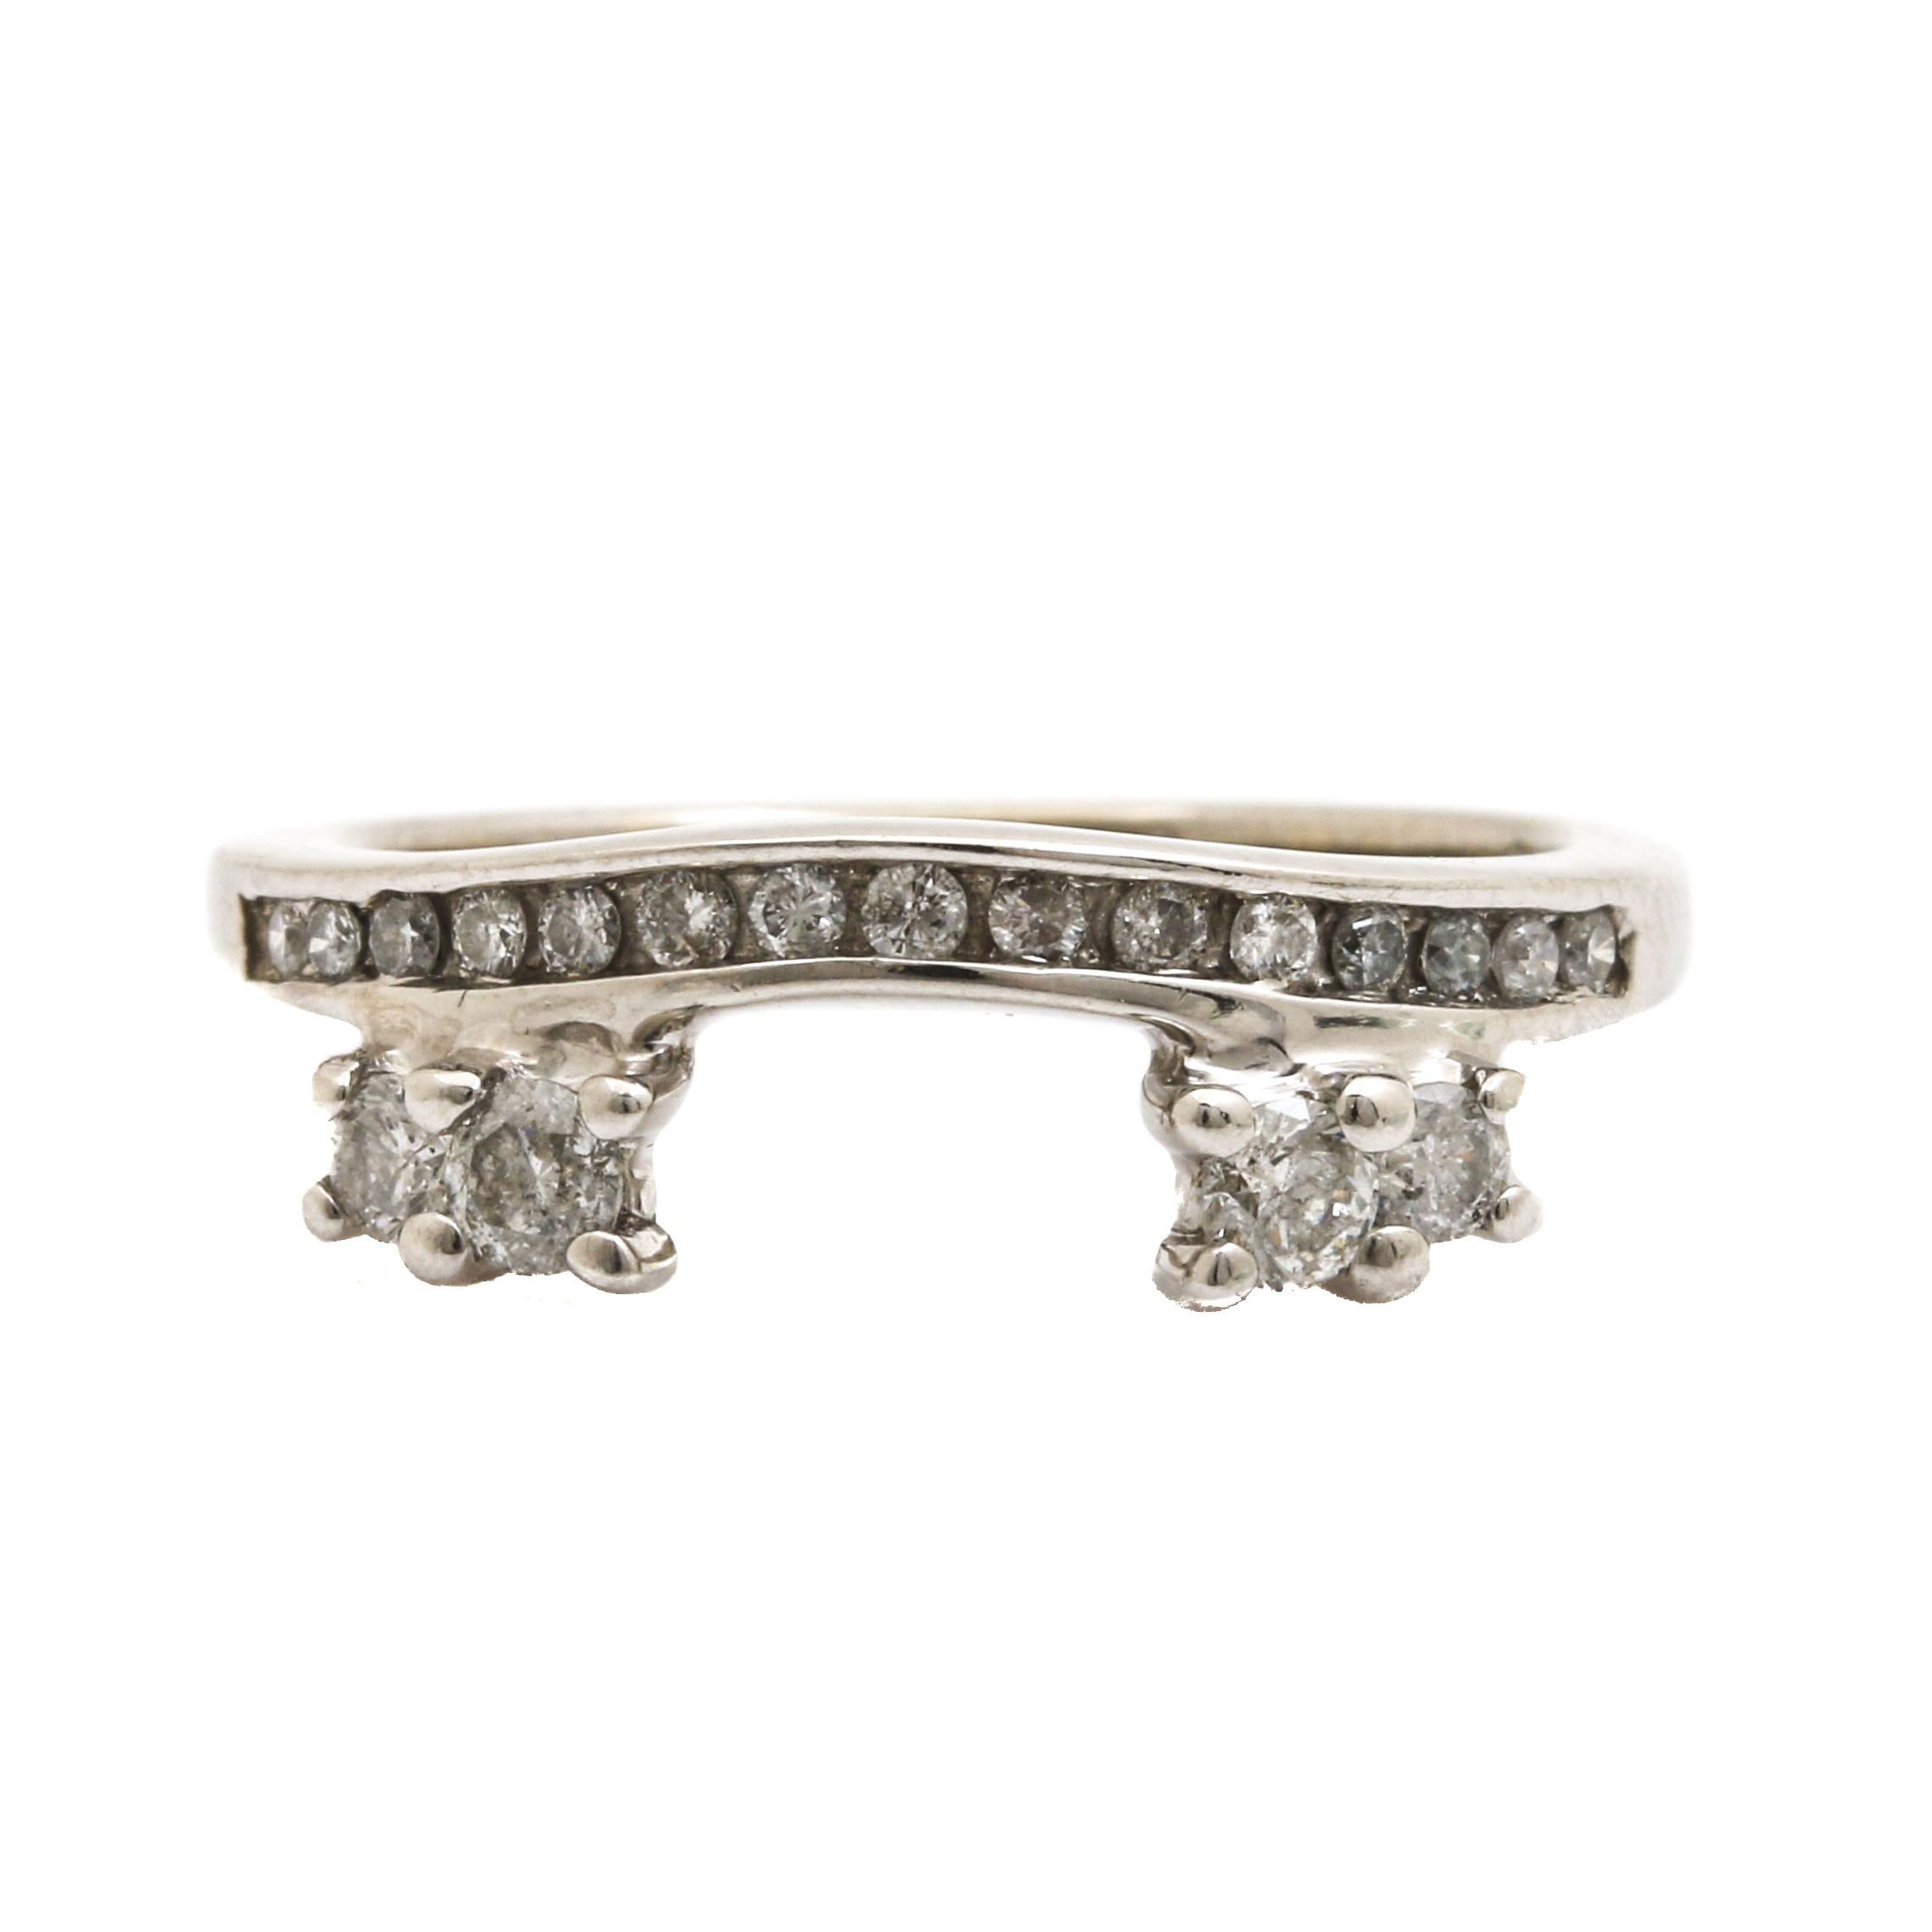 14K White Gold Diamond Enhancer Ring